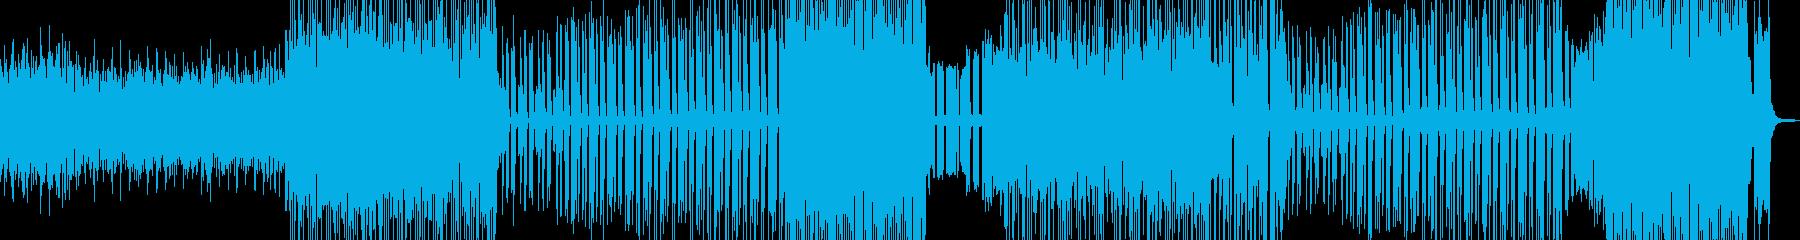 爆笑珍事件・トランペットテクノポップ Bの再生済みの波形